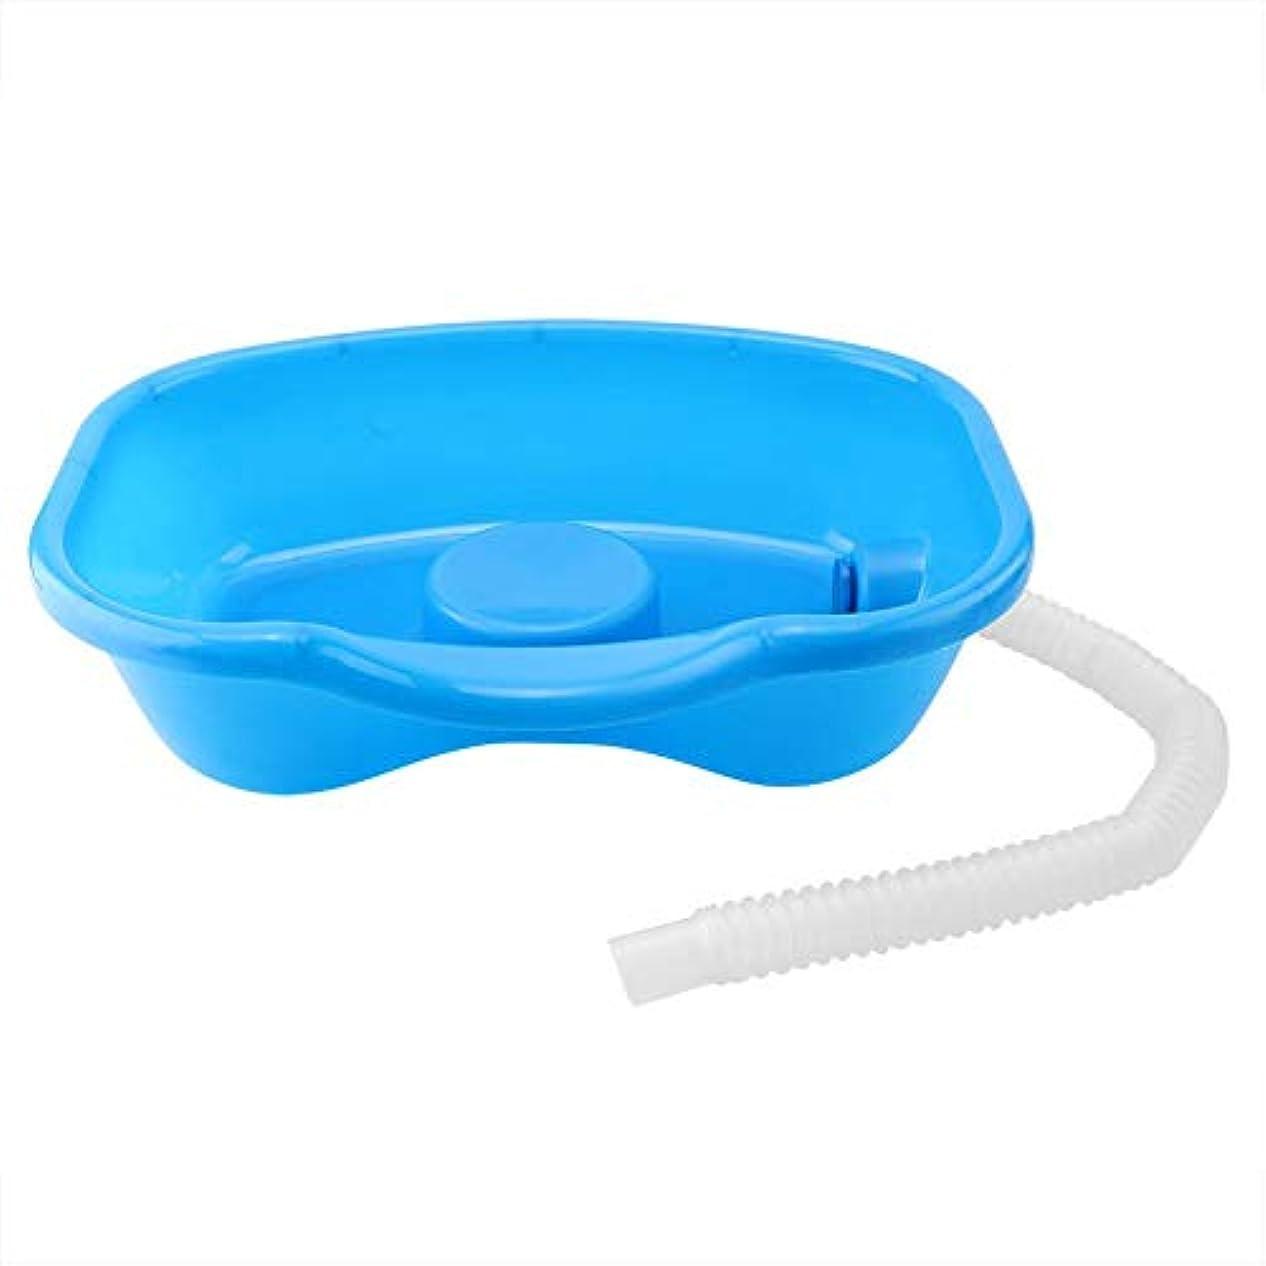 最も遠いコンパイルシーズンシャンプー洗面器、医療障害者用シャンプー洗面器厚いベッド洗髪皿プラスチックシャンプー洗面器